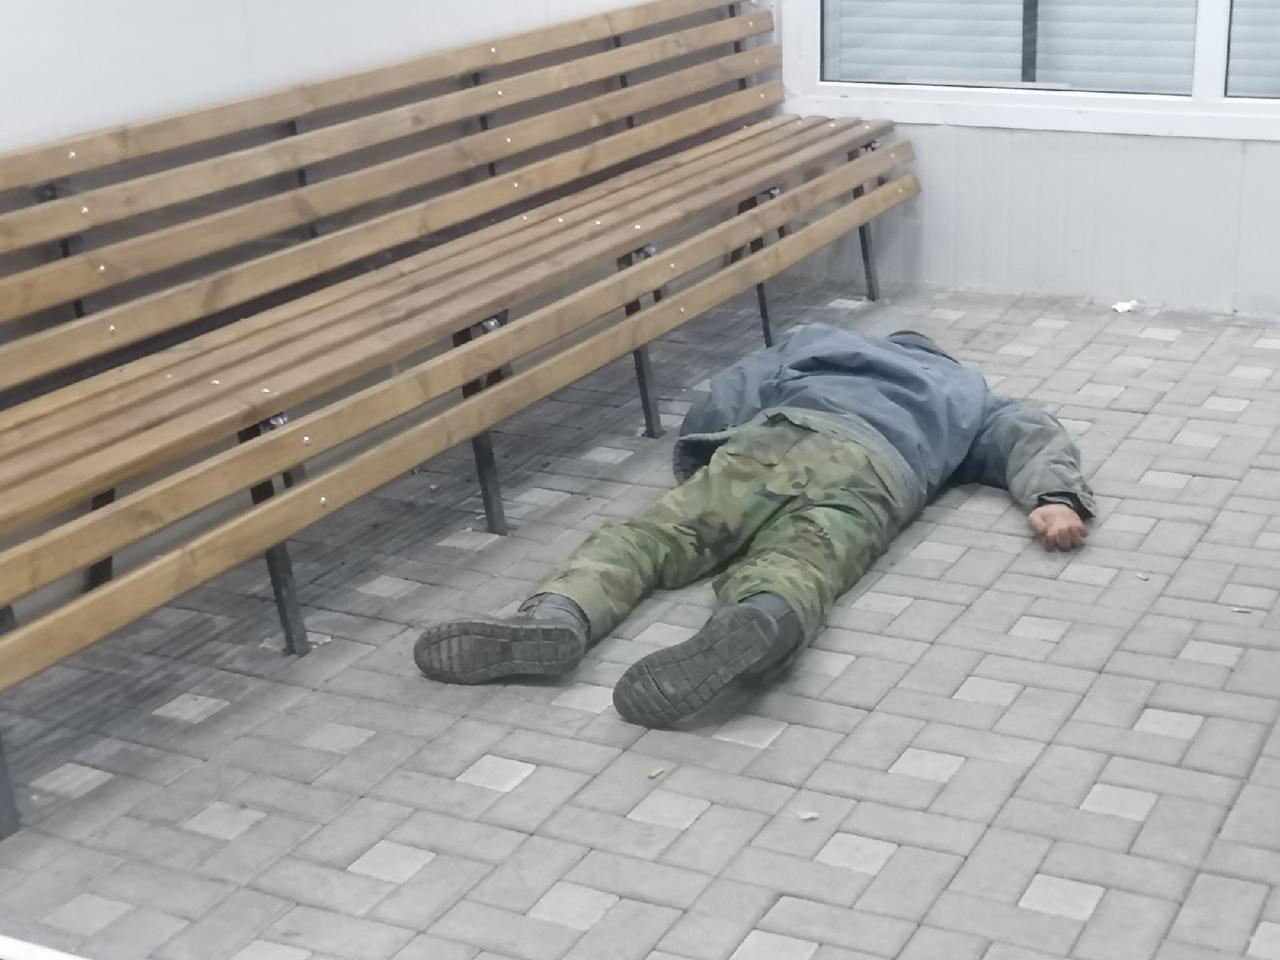 Омич решил выпить в теплой остановке и стал жертвой грабителя #Омск #Общество #Сегодня